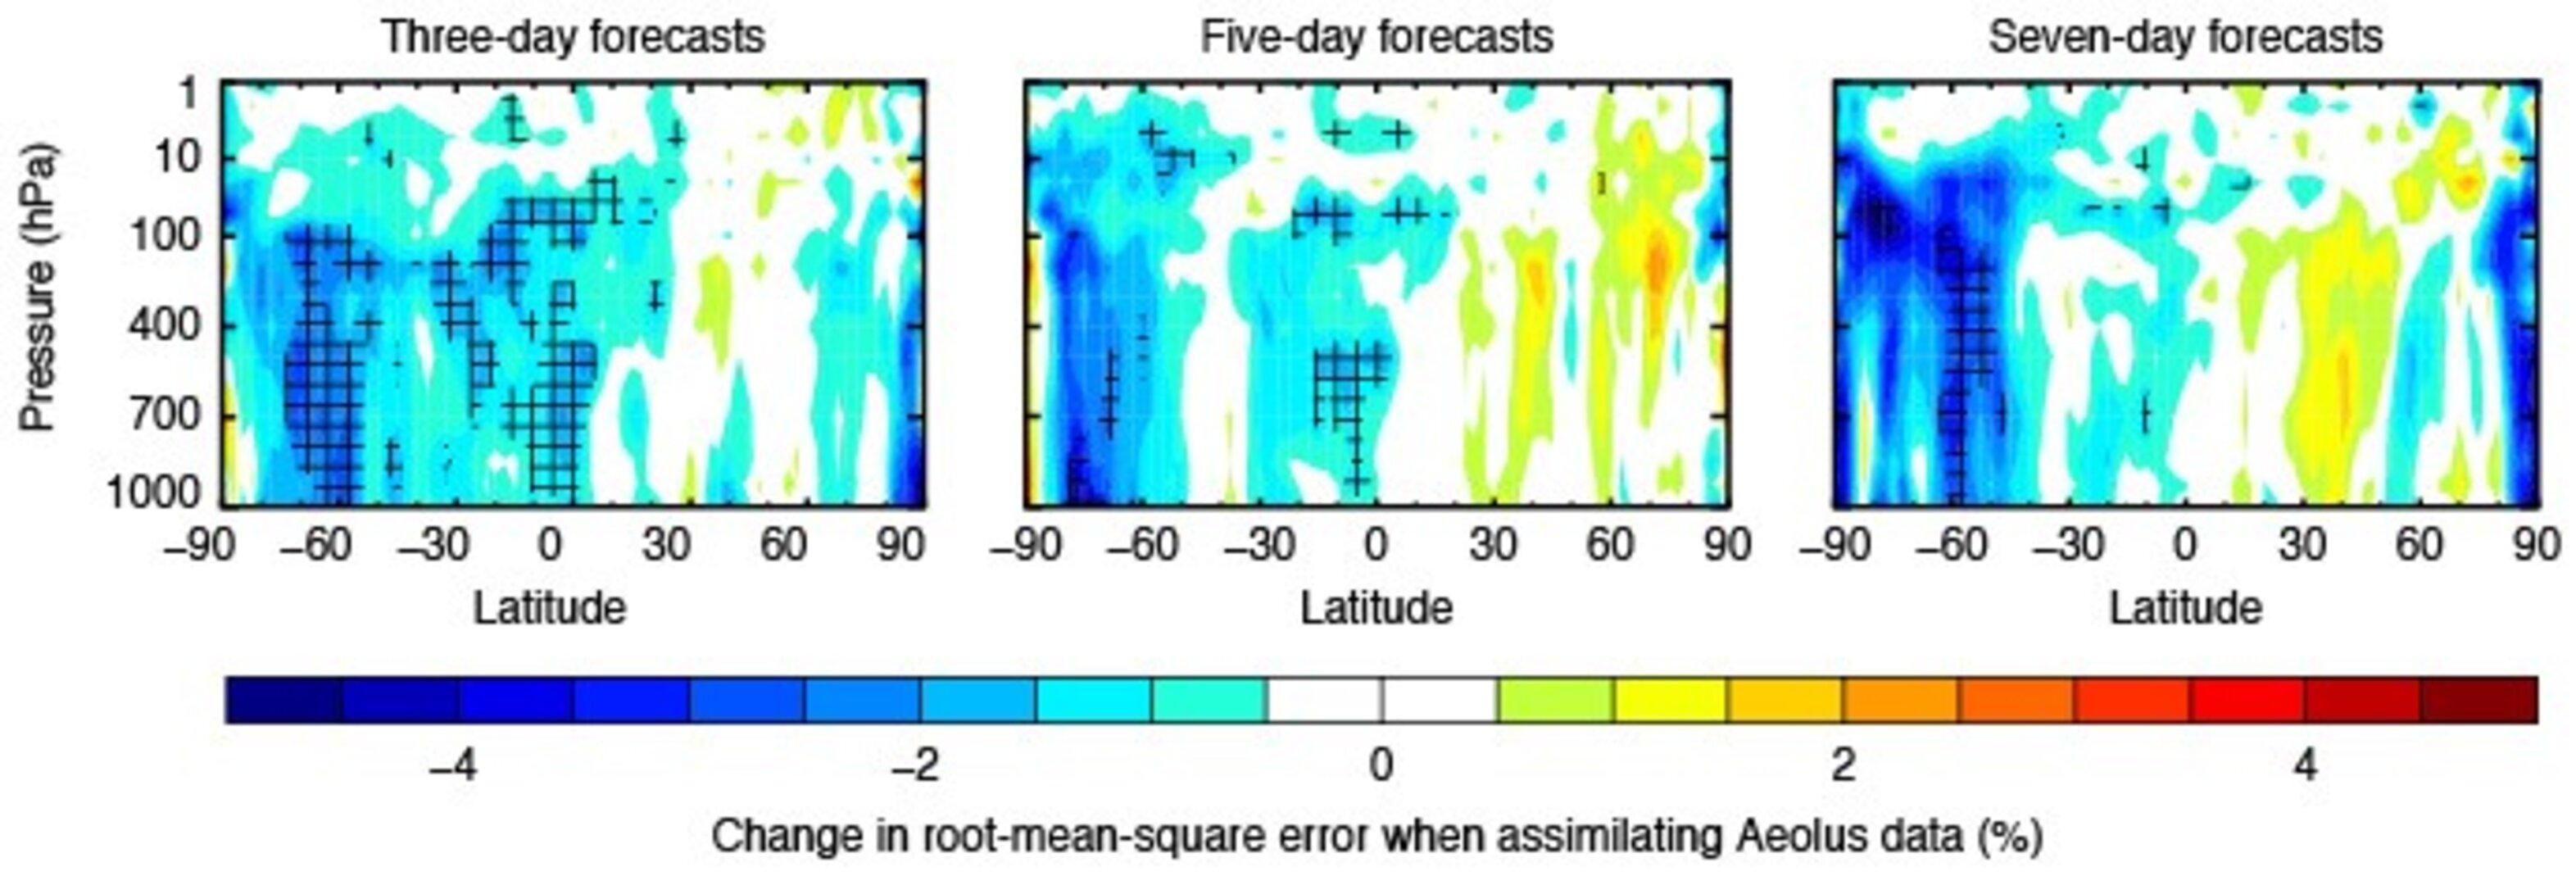 Aeolus forecasting data